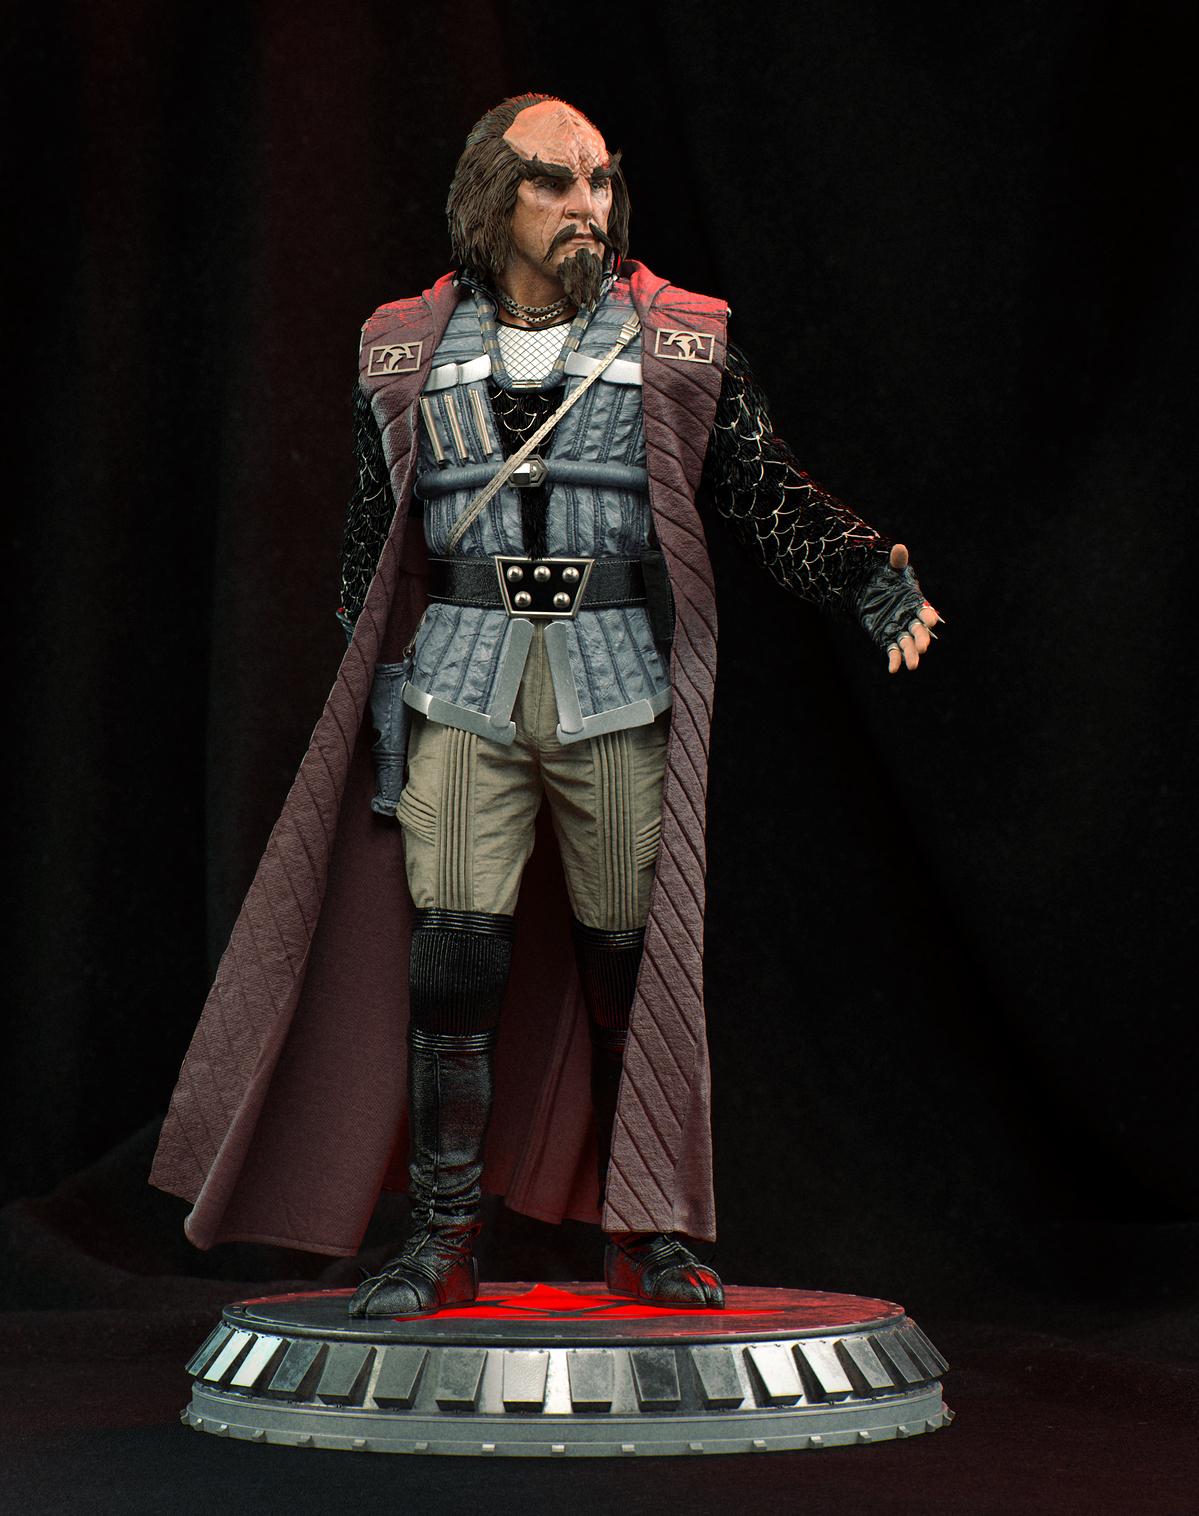 Klingon_Cape_01